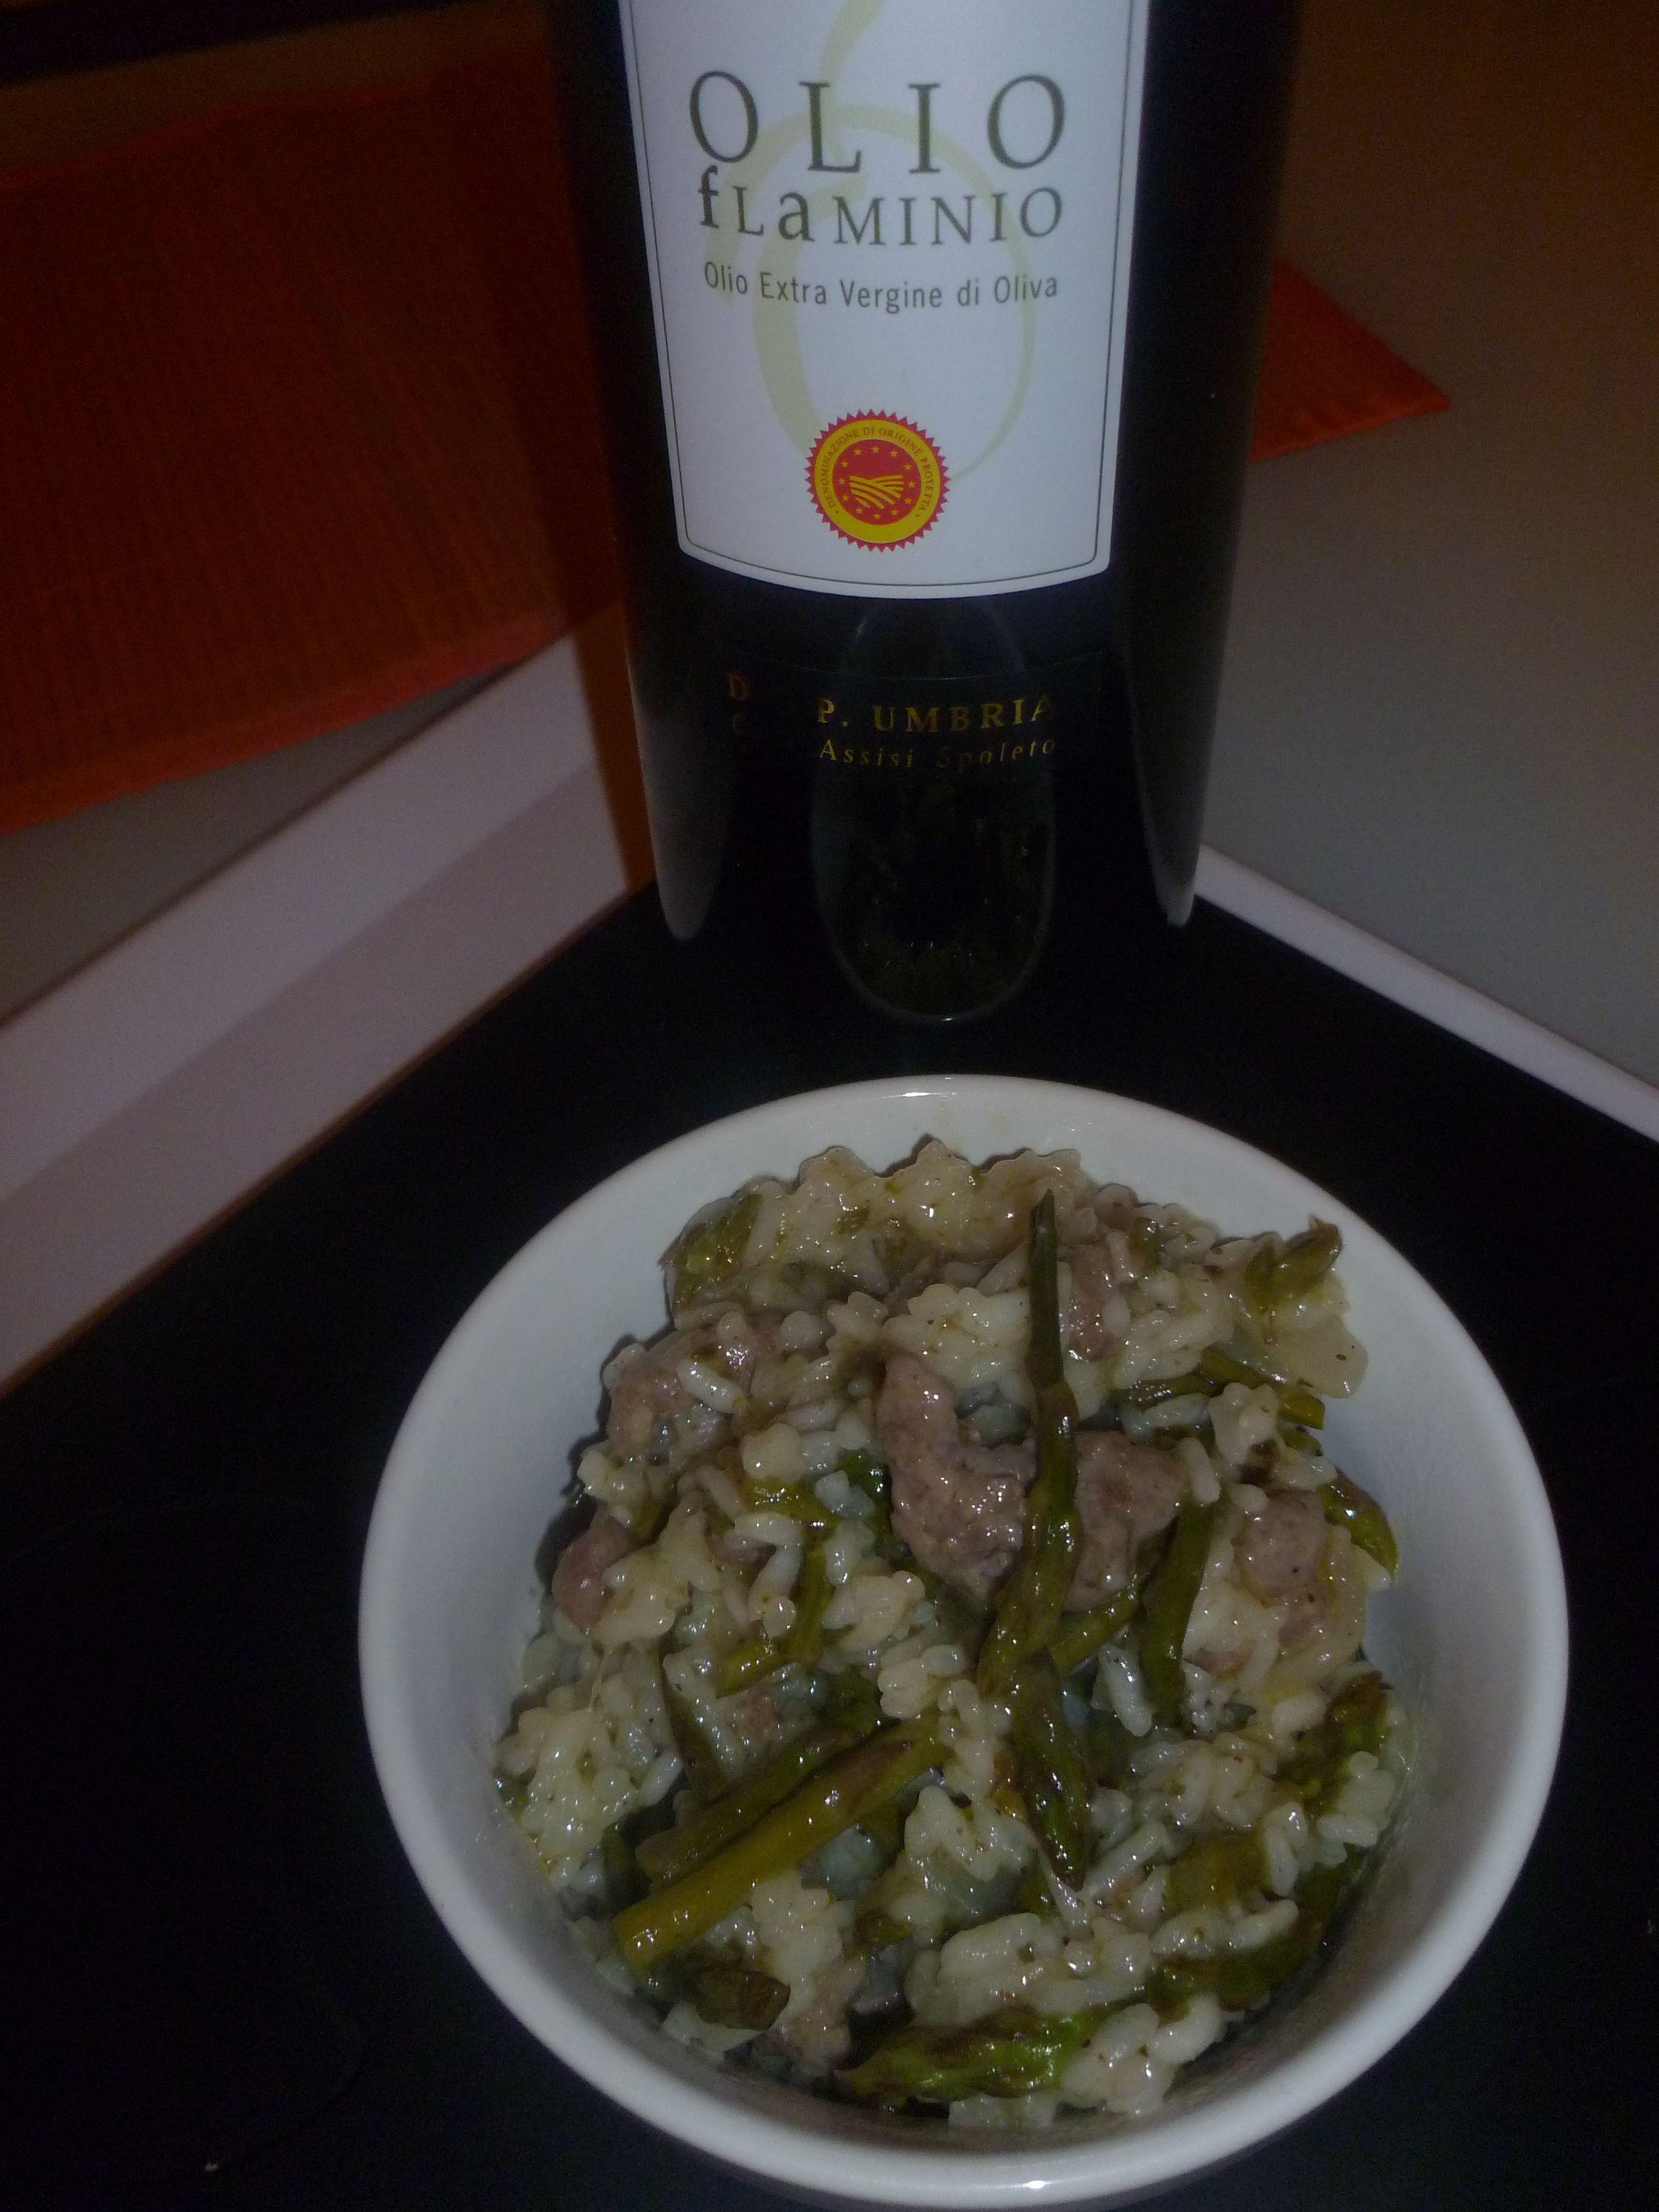 Risotto asparagi e cumino di Gabriella Lomazzi con olio Flaminio Dop Umbria!  http://olioflaminio.tumblr.com/post/21204171724/riso-con-asparagi-cumino-e-salsiccia-di-gabriella